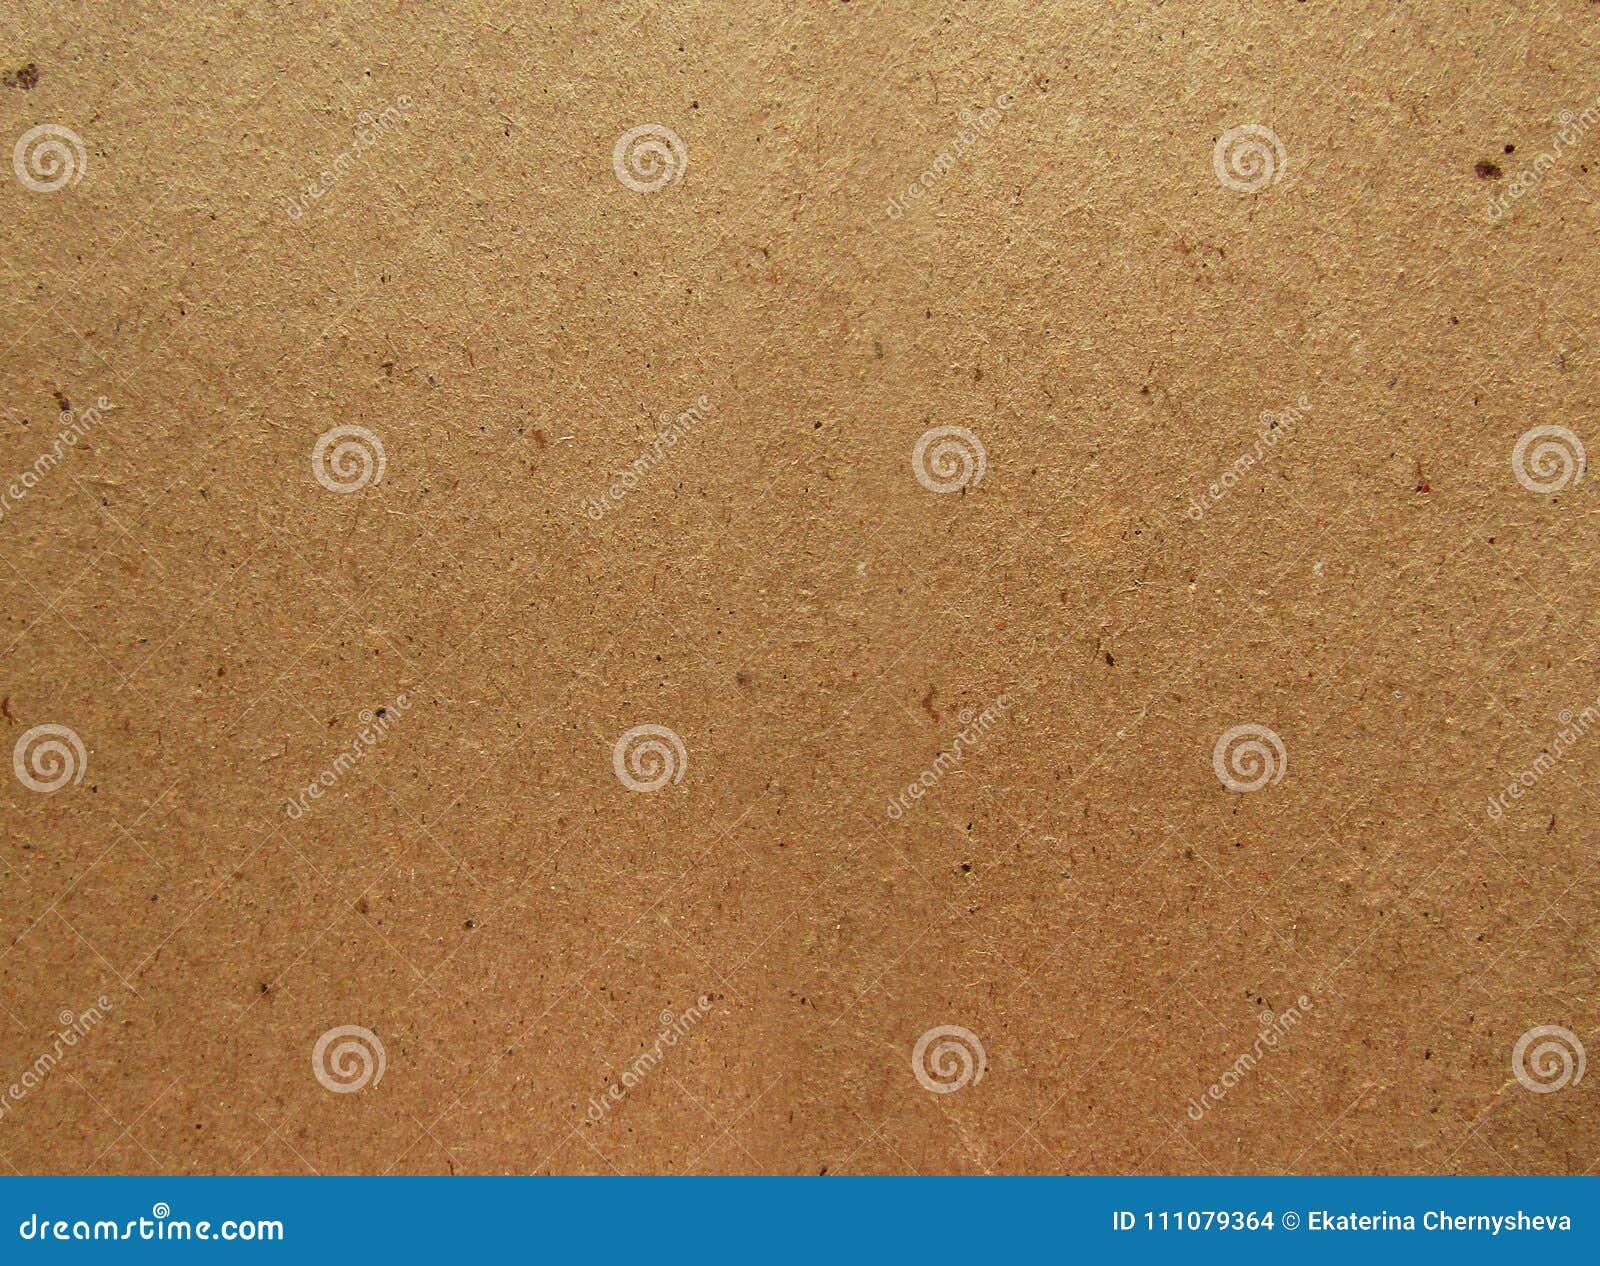 Gekrümmte (Papier) Beschaffenheit Hintergrund Browns Kraftpapier ...